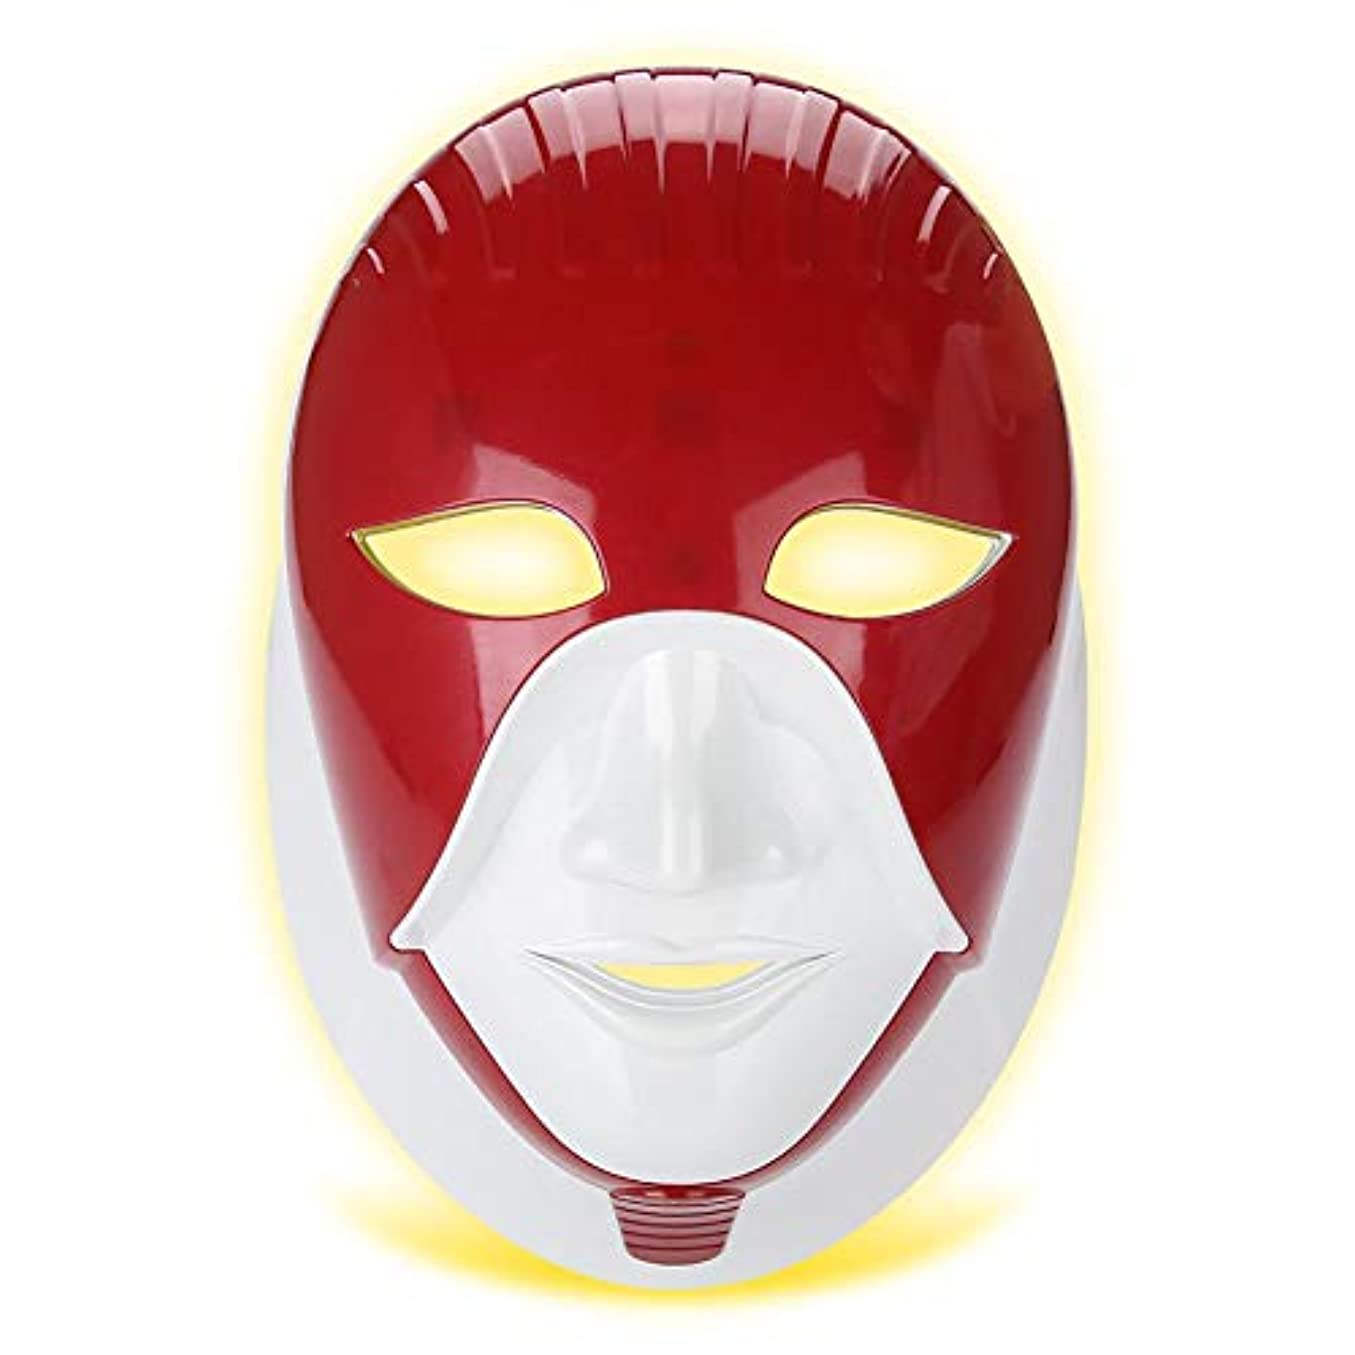 やる財団揺れるLEDフェイシャルネックマスク、滑らかな肌のより良いのための7色のネオン - 輝くライトフェイスケア美容ツール、肌のリラクゼーショング、引き締め、調色、引き締まった肌、瑕疵び、美白(02#)